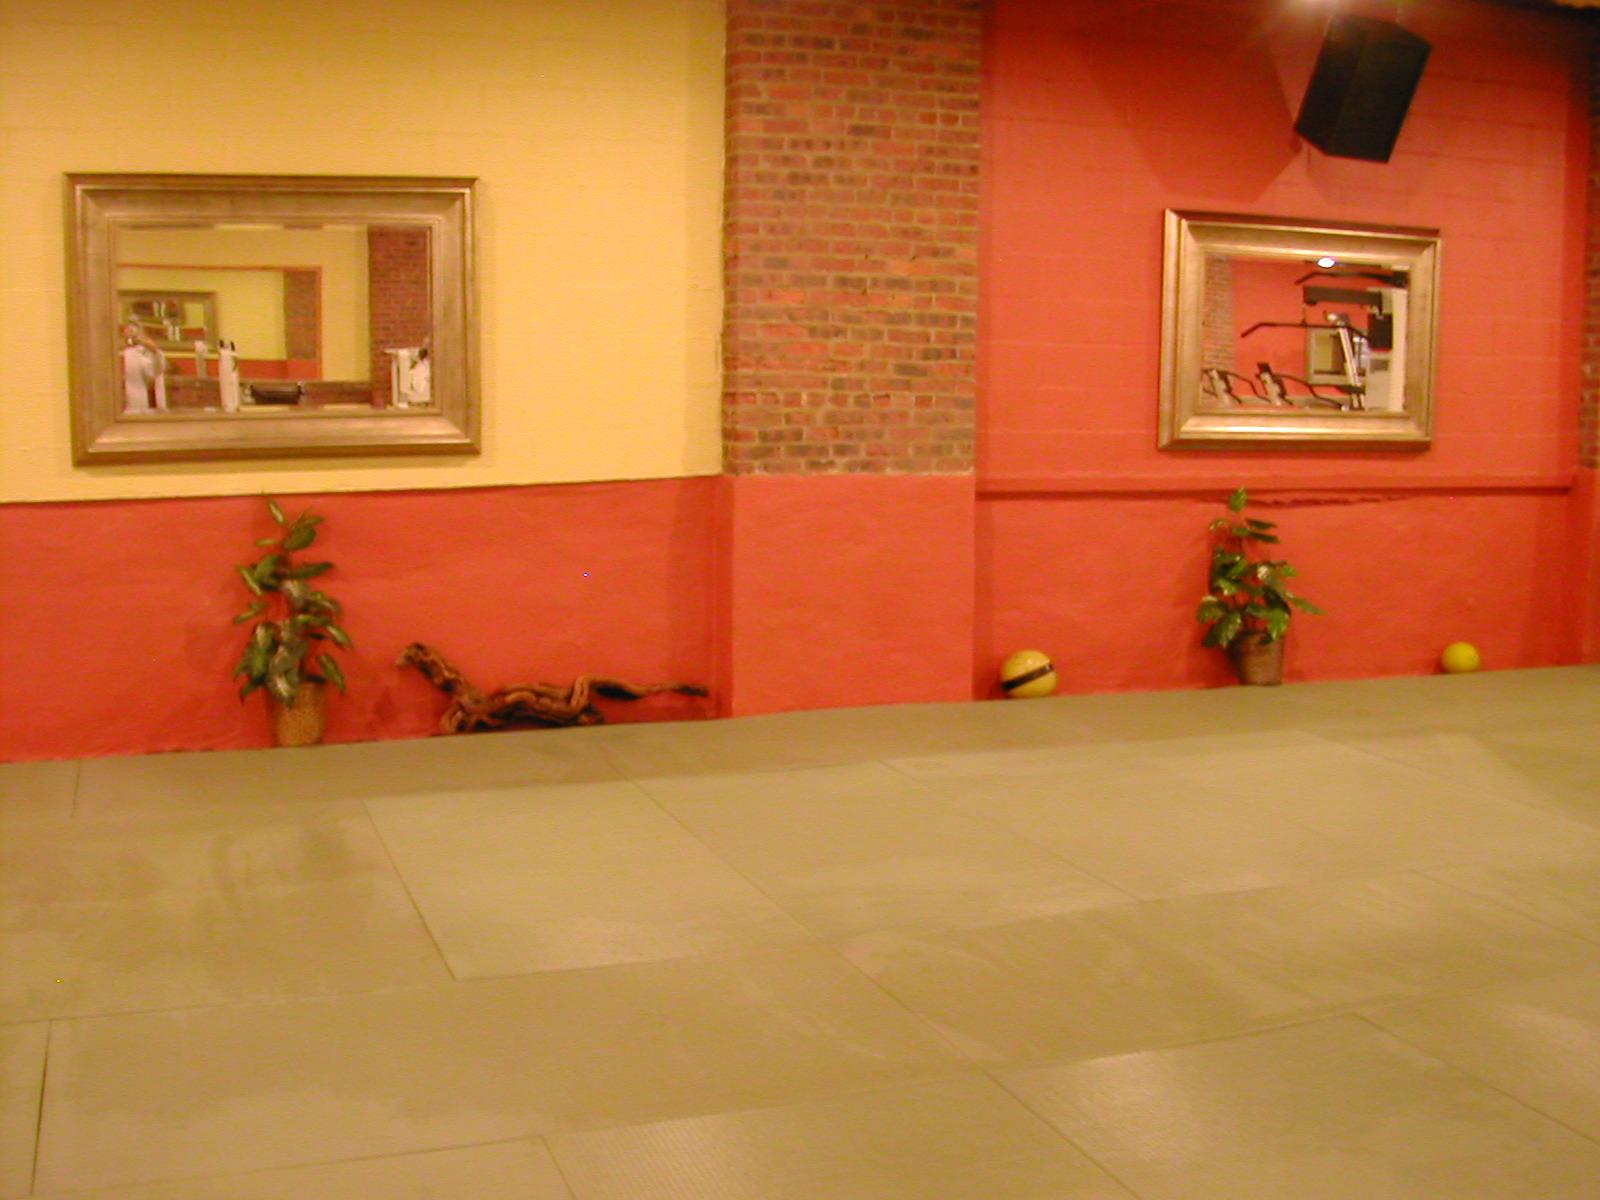 Aiki_3_months_and_Gym_2nd_floor_0104_160 (2)